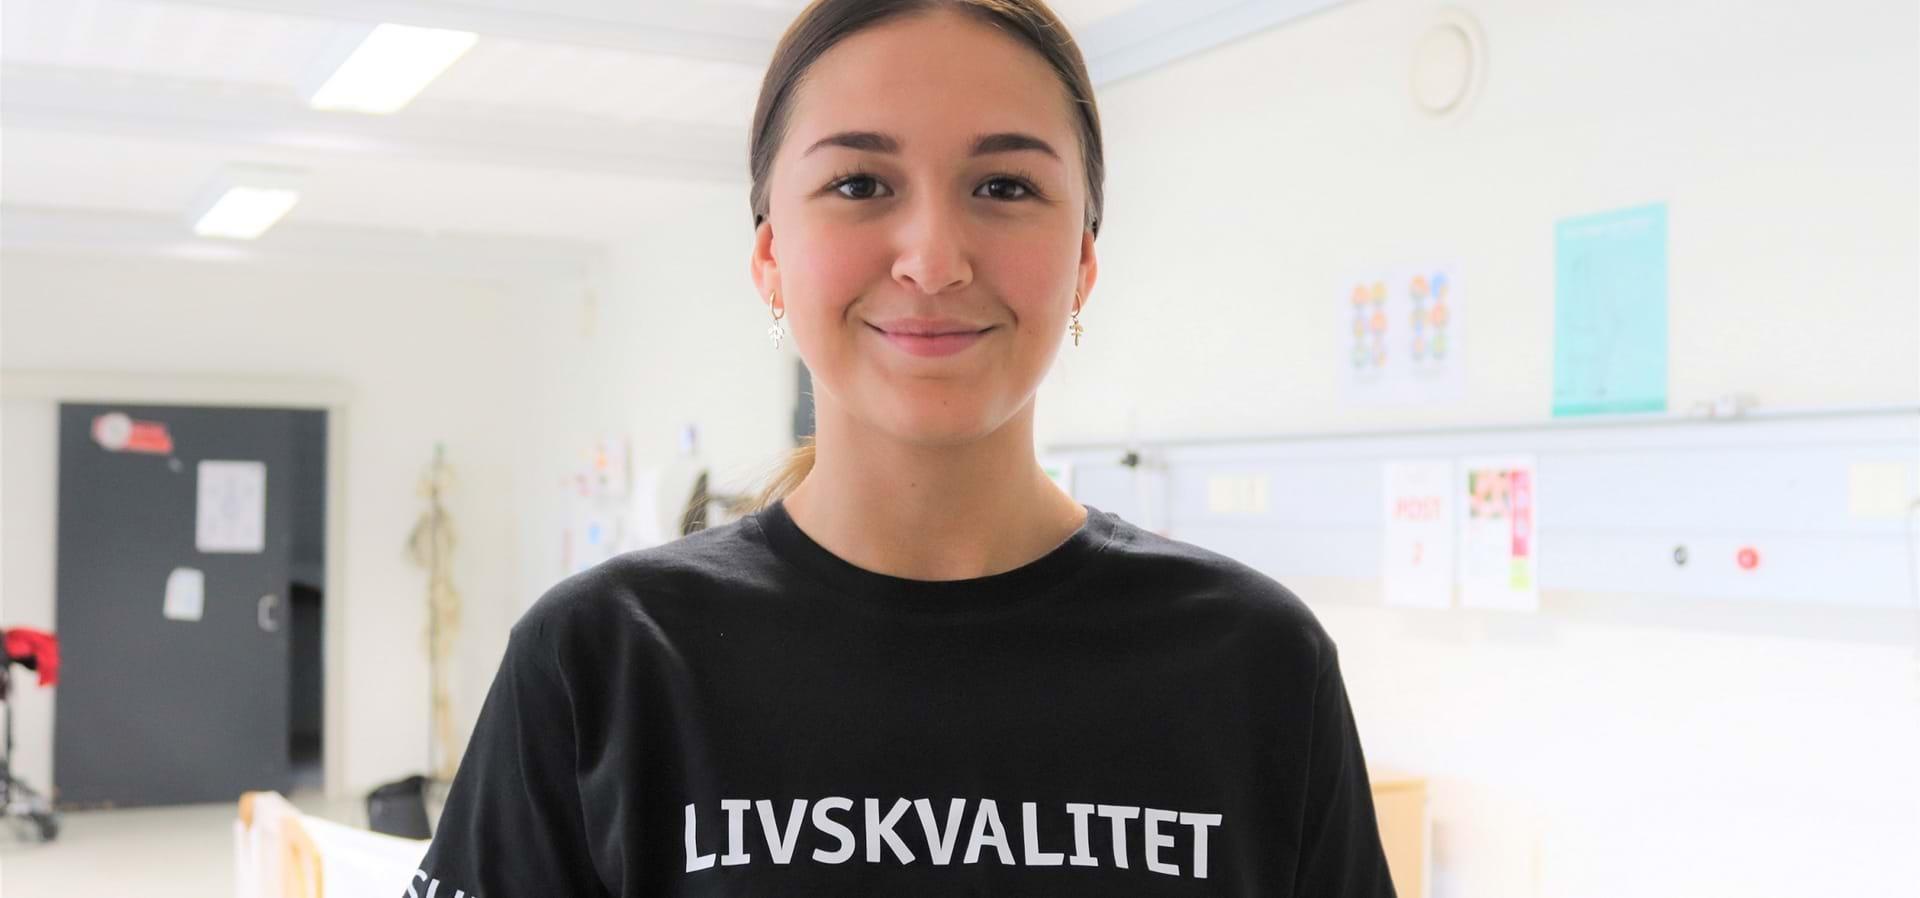 """Ung, kvindelig elev med """"Livskvalitet"""" skrevet på sind T-shirt smiler ind i kameraet."""